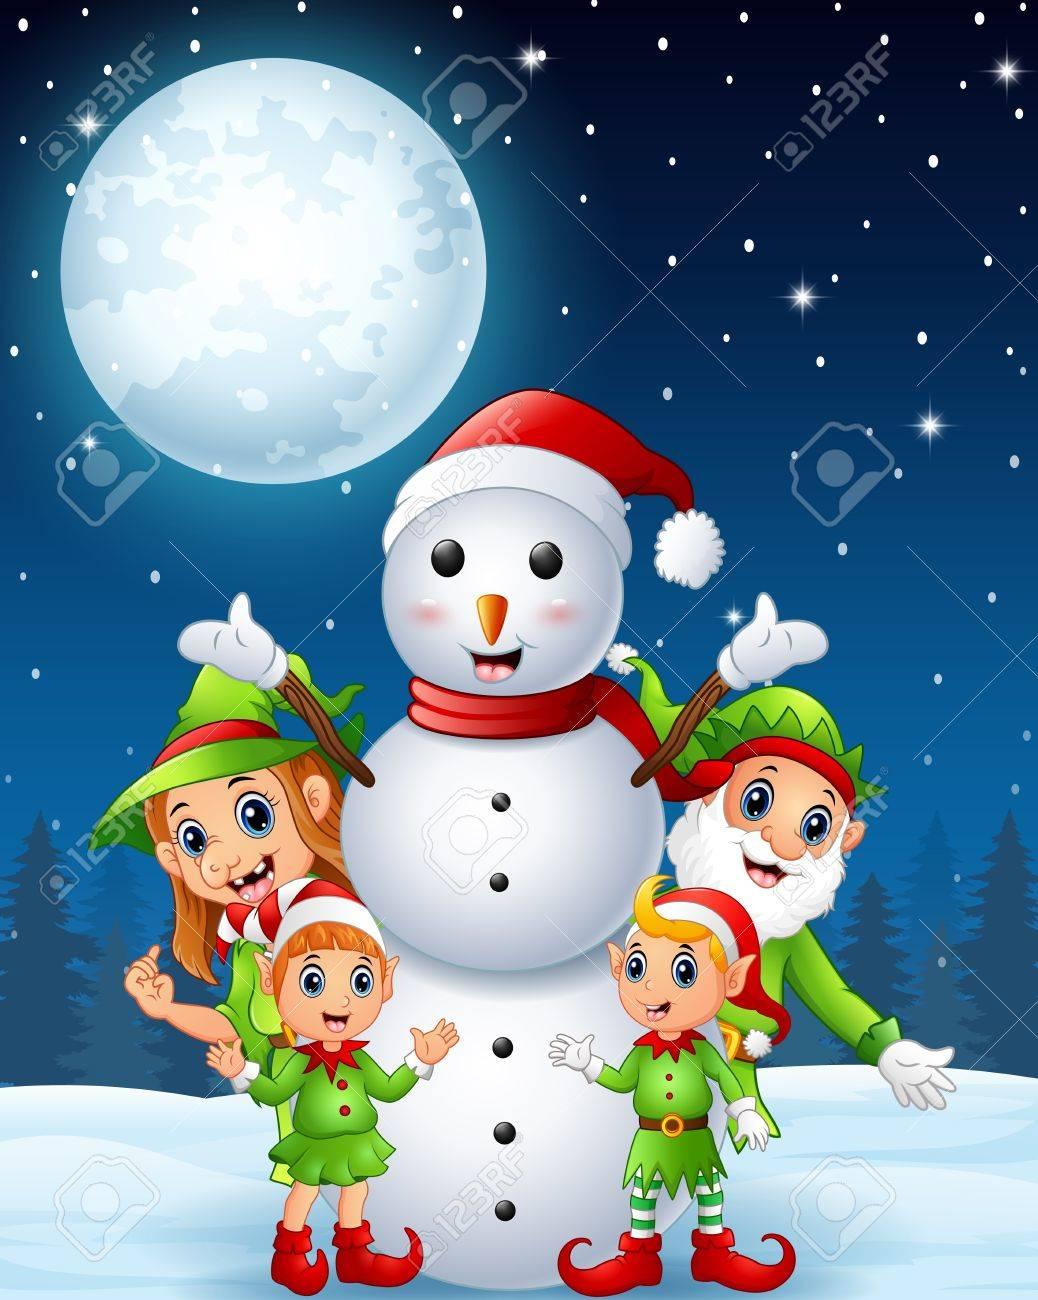 Dessin Animé Noël Elfes Avec Bonhomme De Neige Dans Le Fond De Nuit